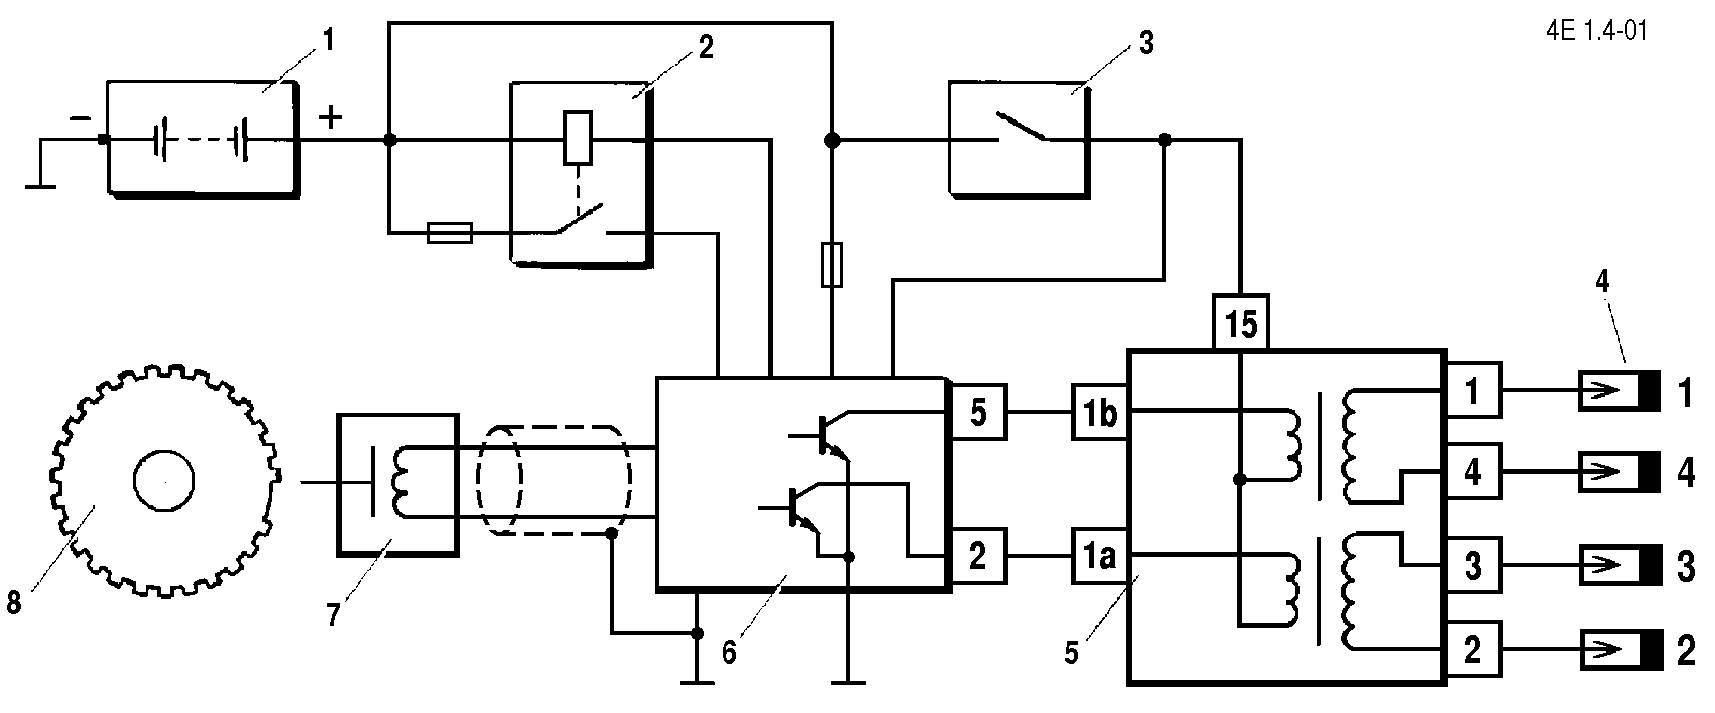 двигатель 1 6 8 клап бензонасос схема